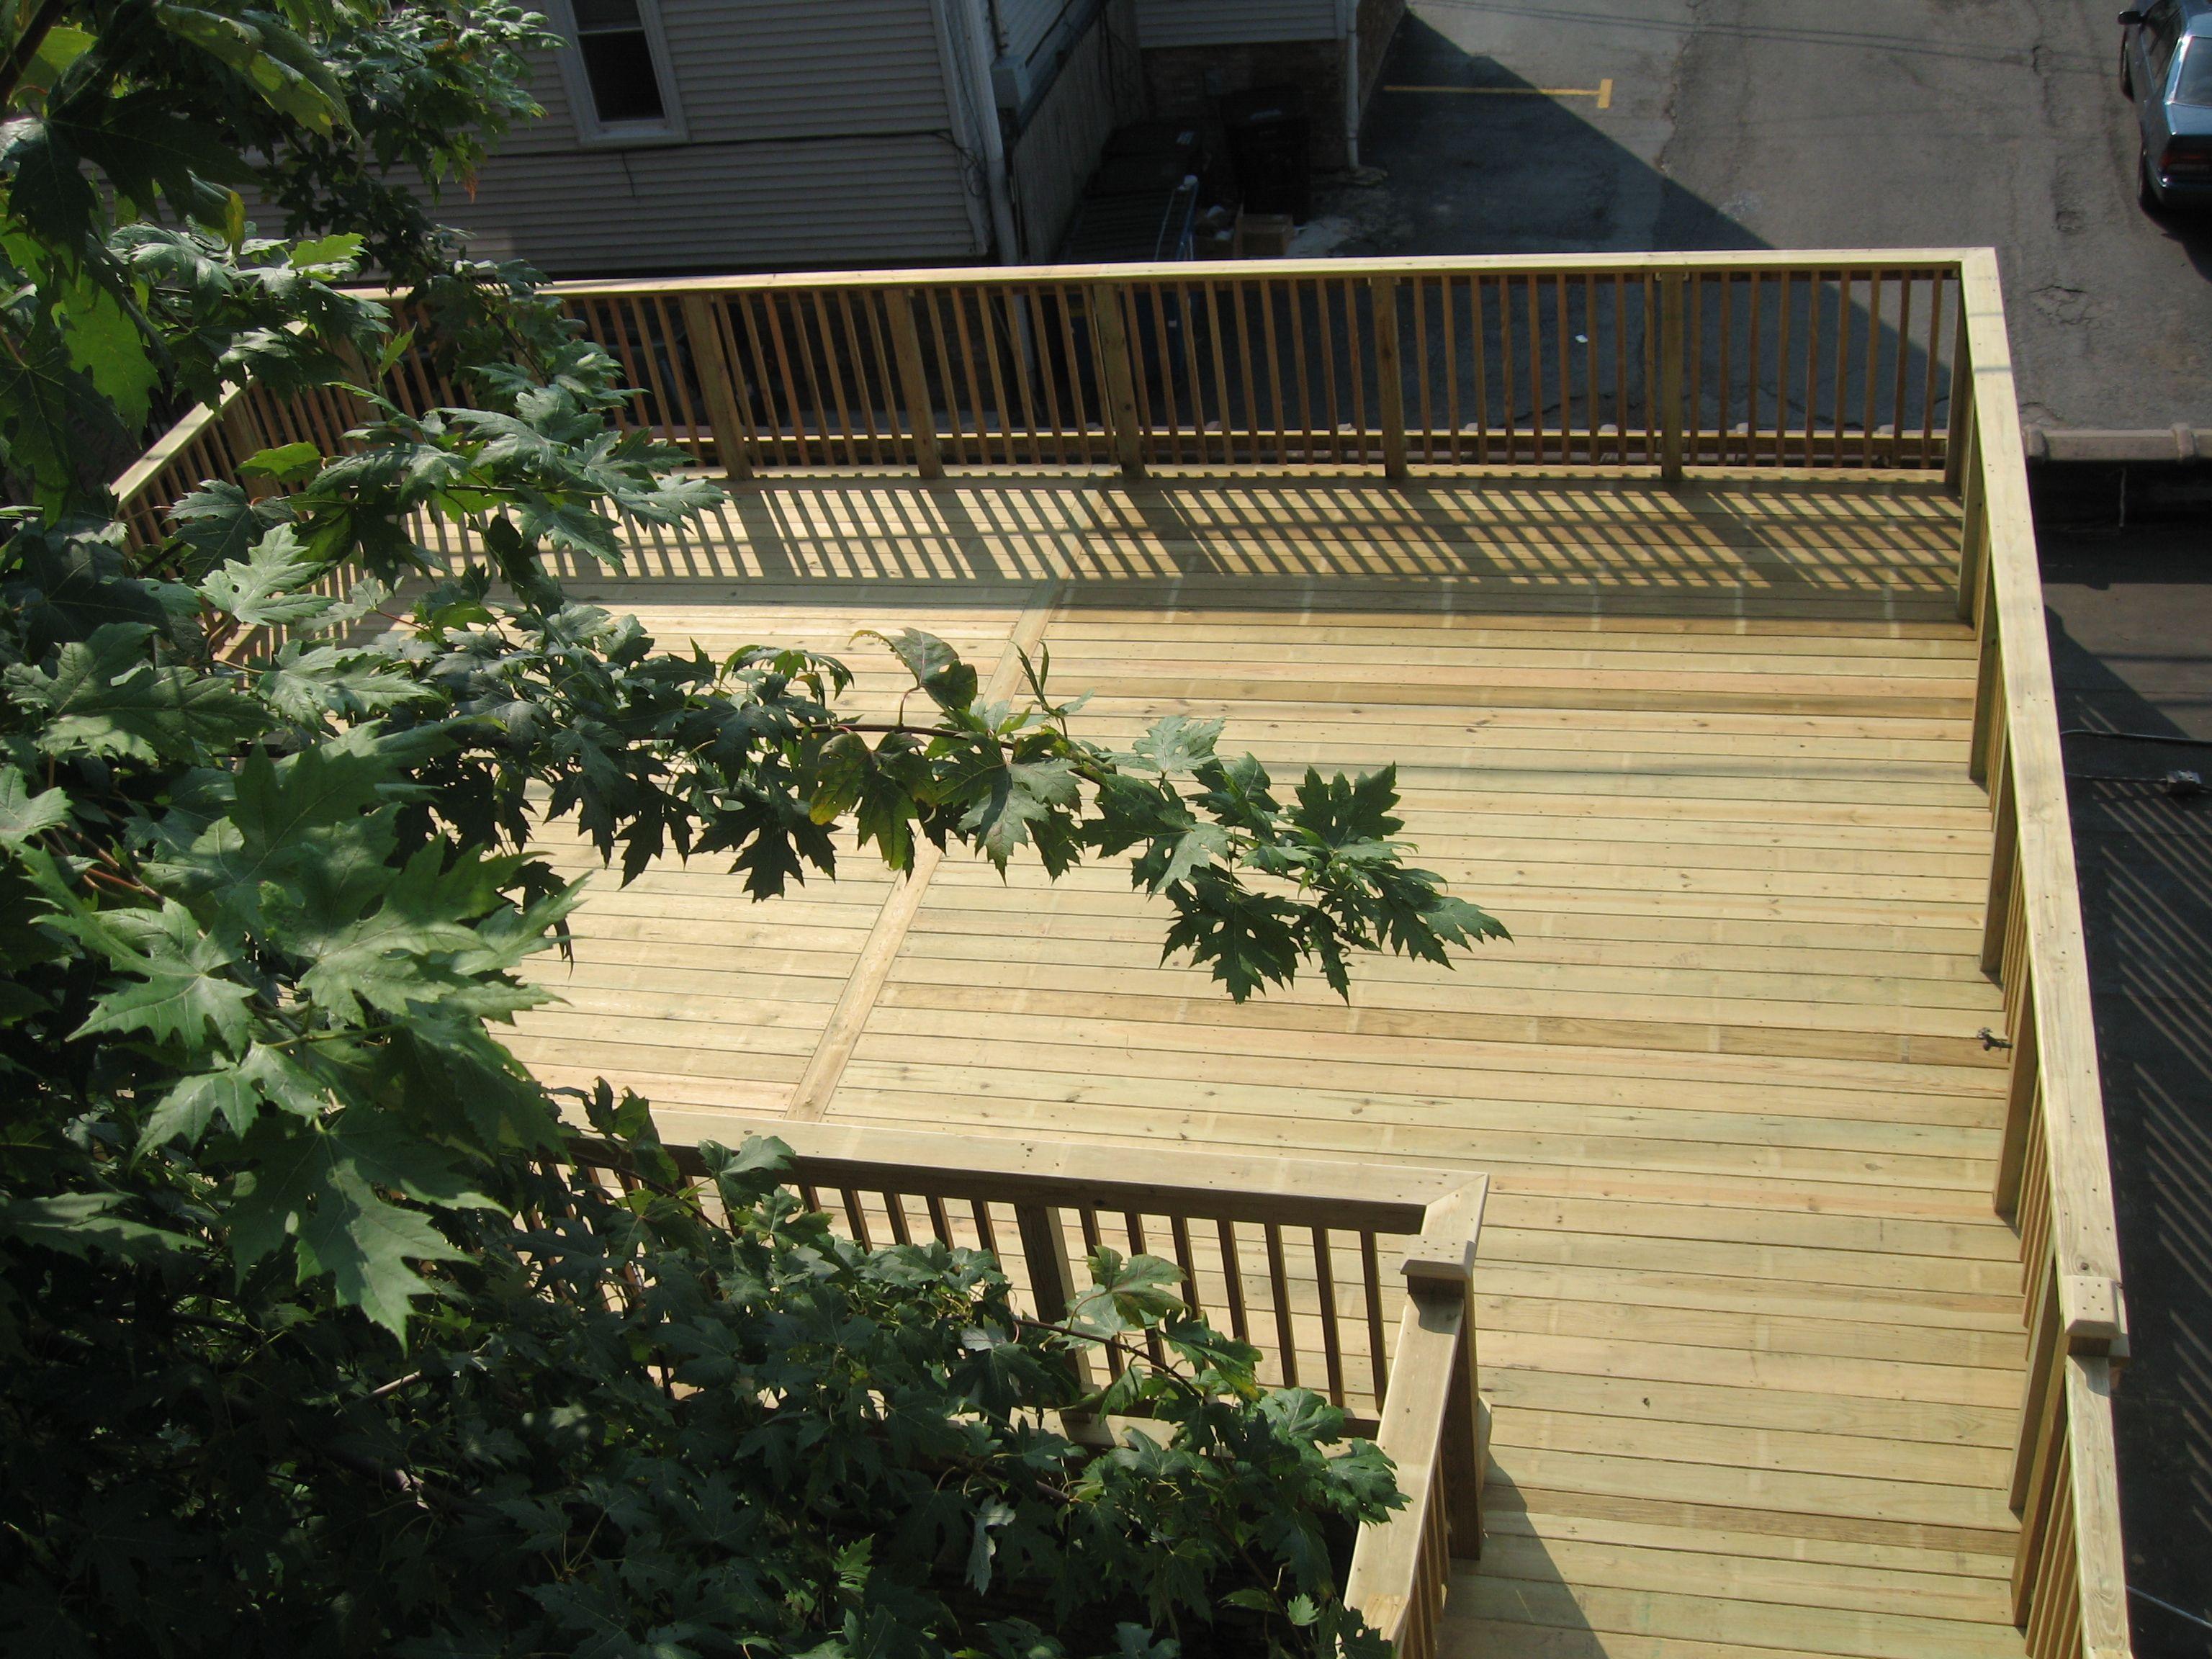 Katlia Construction Garage Roof Top Deck Built To City Of